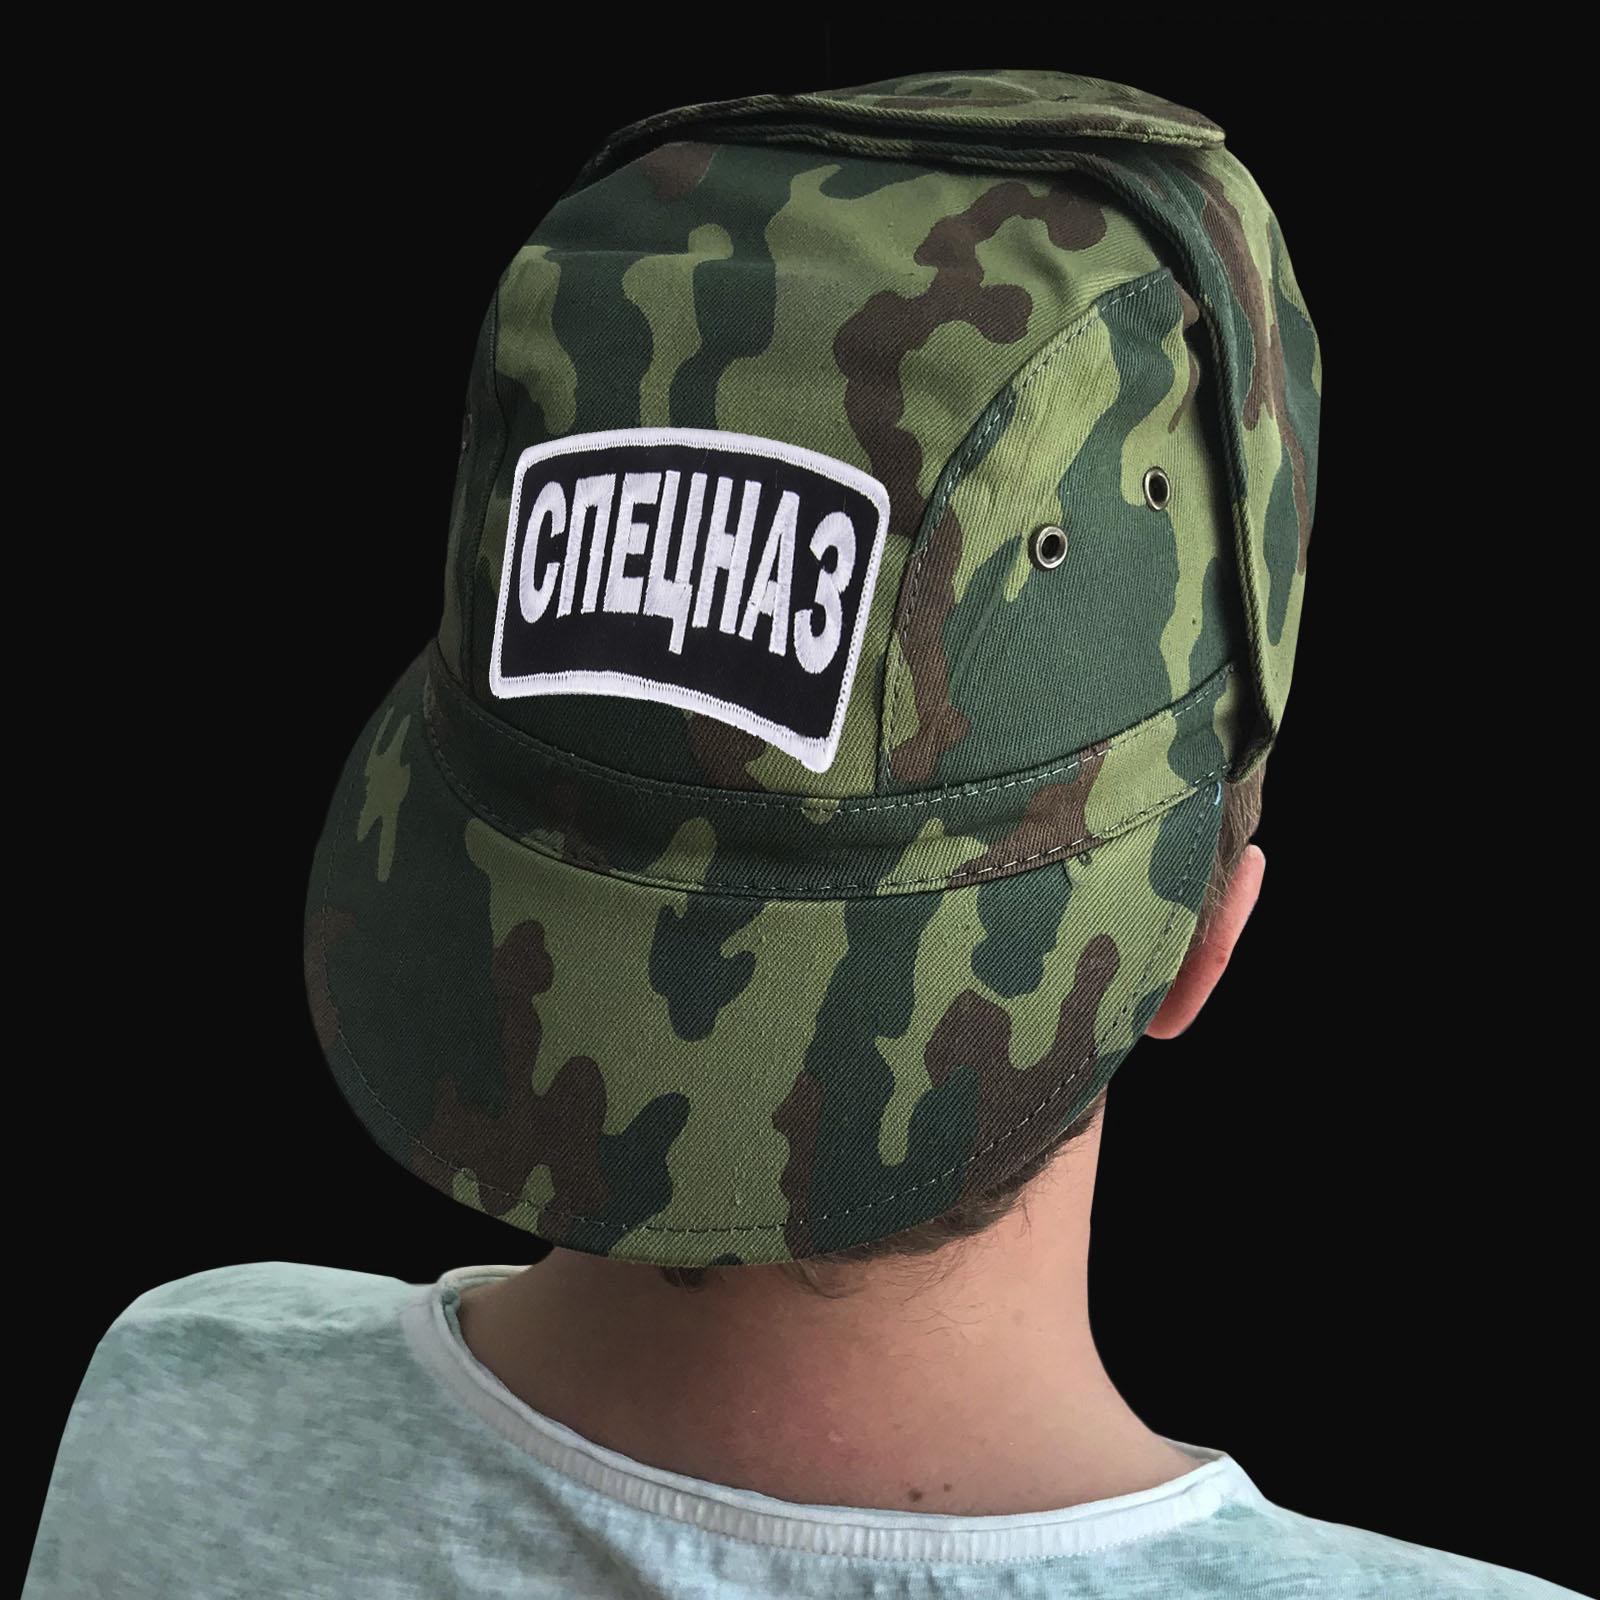 Спецназовские кепки, футболки, толстовки и другая одежда